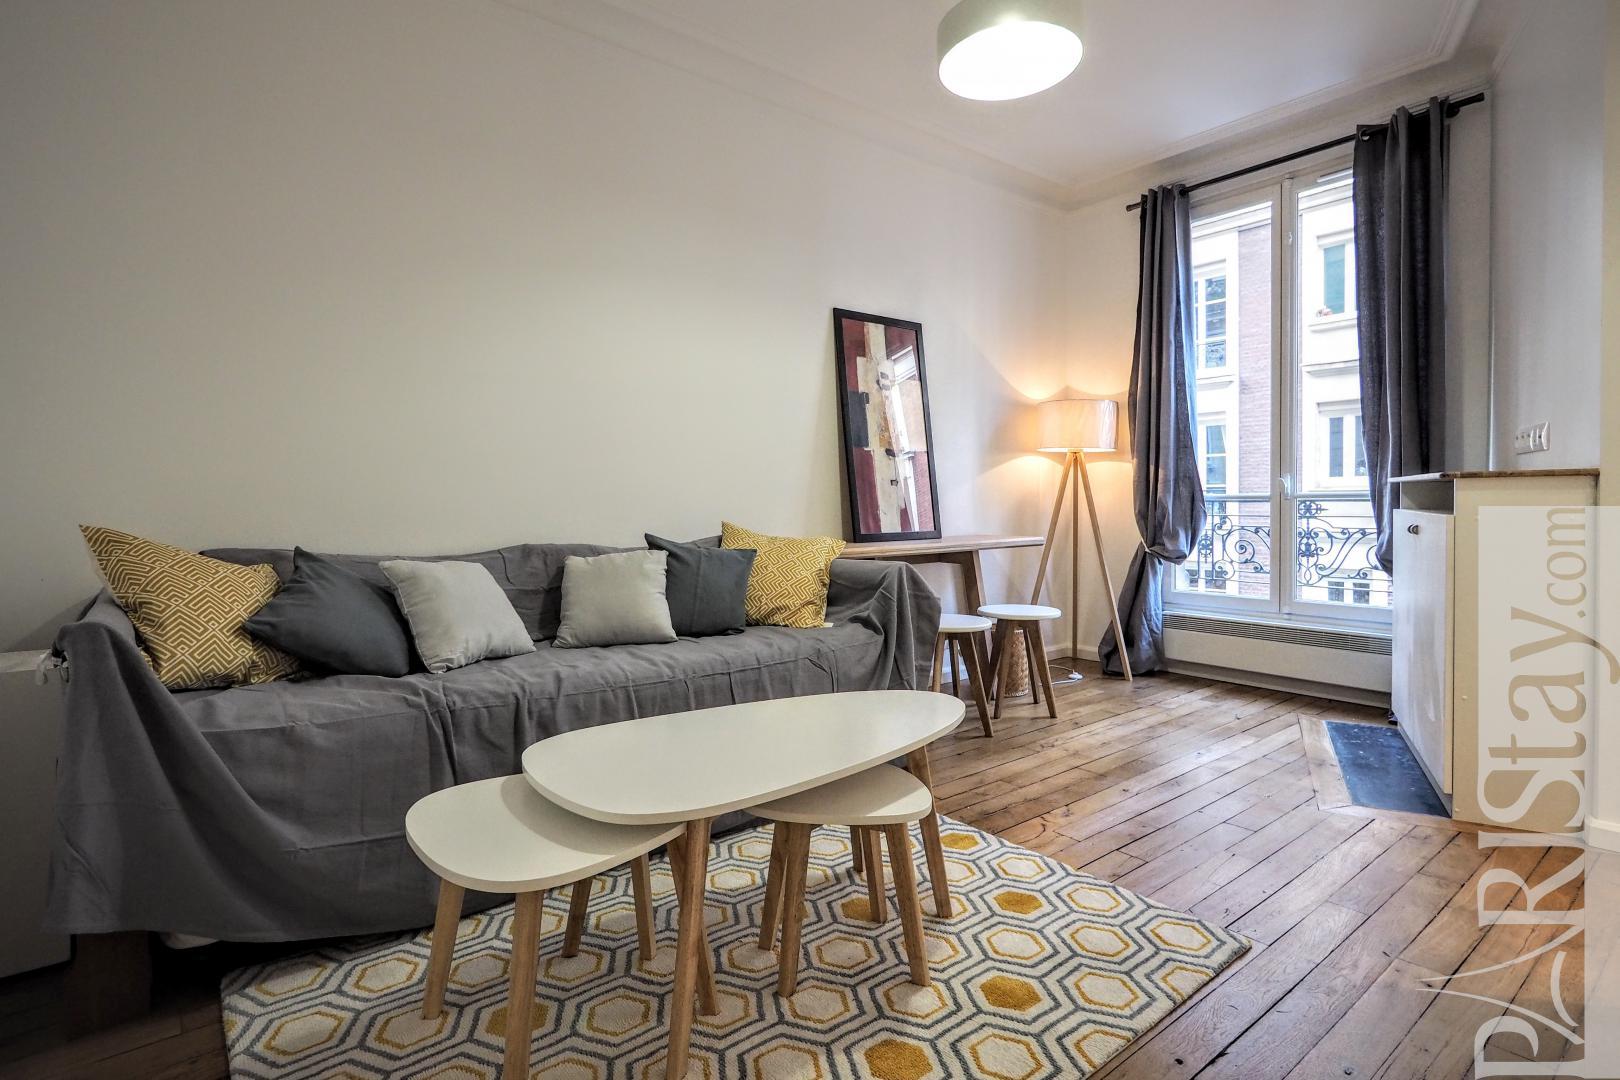 Location Studio Meuble Paris Montmartre Caulaincourt Femis